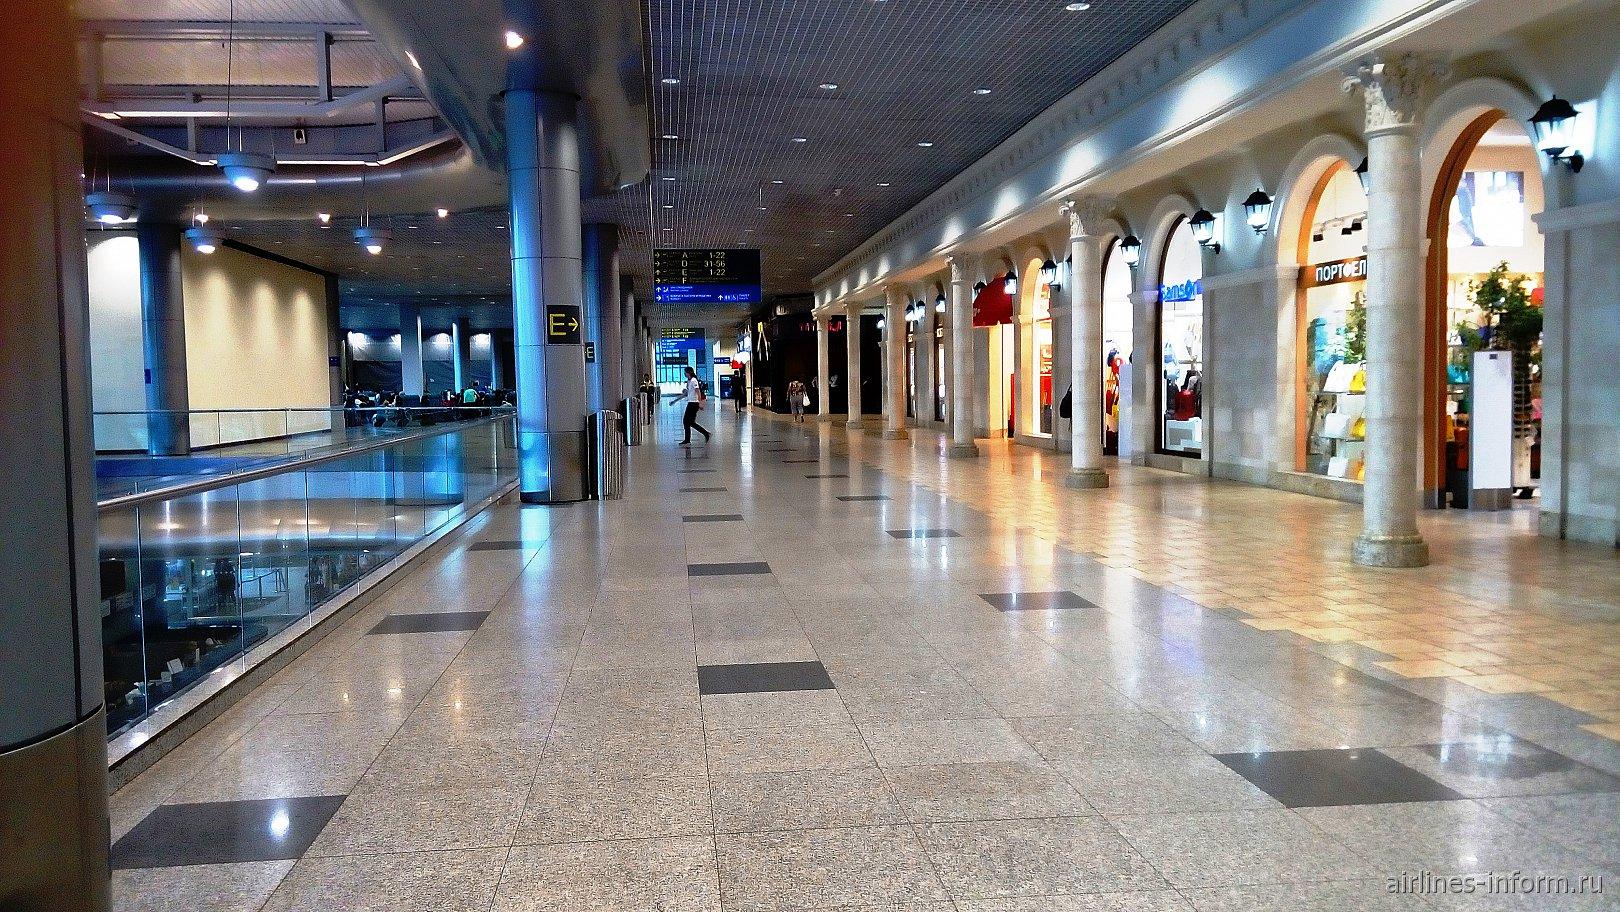 На втором этаже аэровокзала аэропорта Домодедово